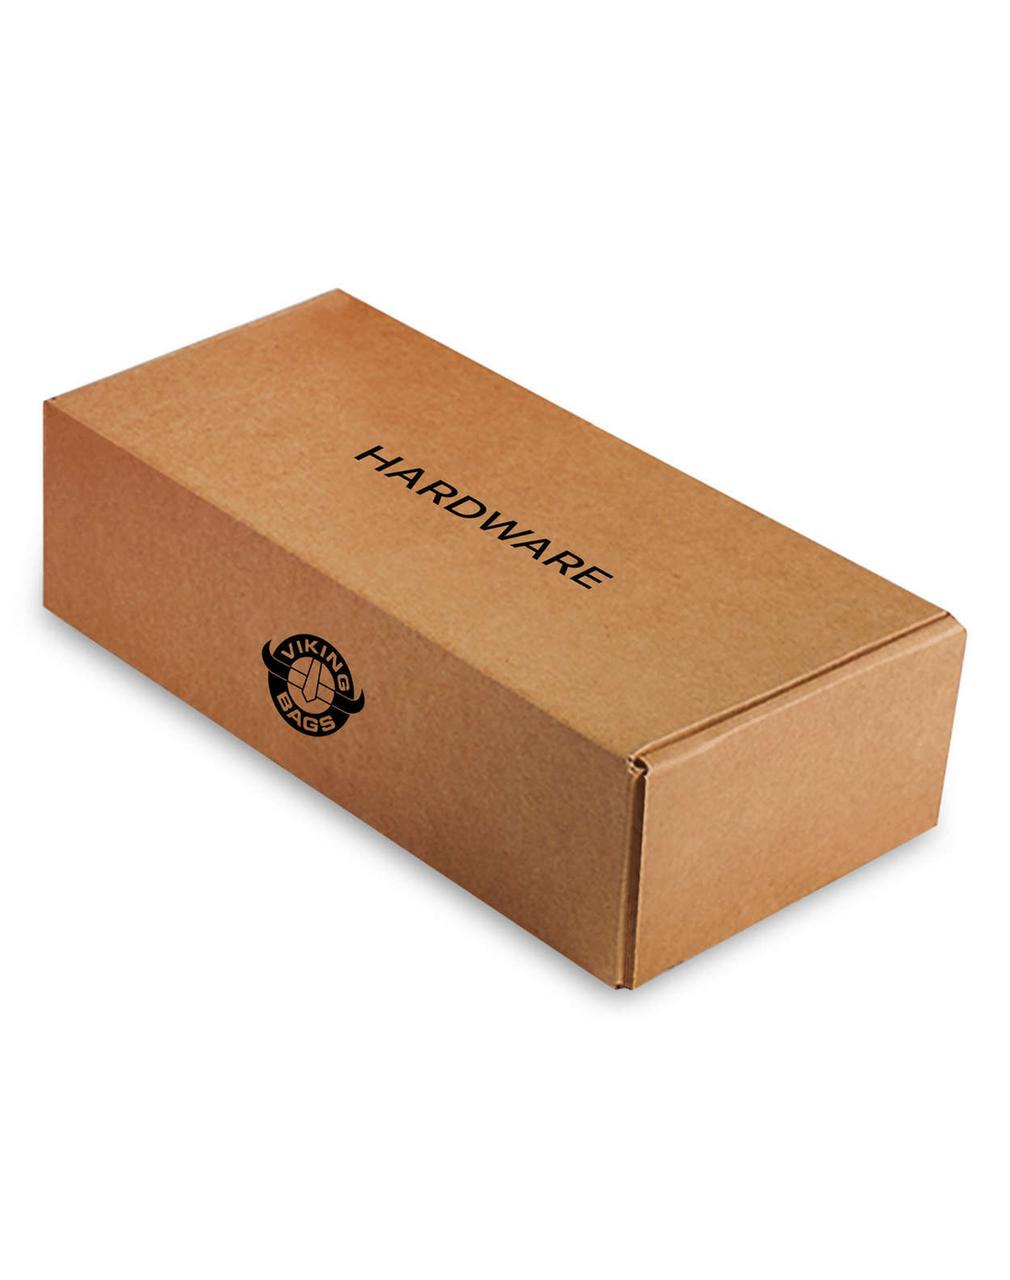 Honda VTX 1800 C Viking Lamellar Slanted Leather Covered Motorcycle Hard Saddlebags box